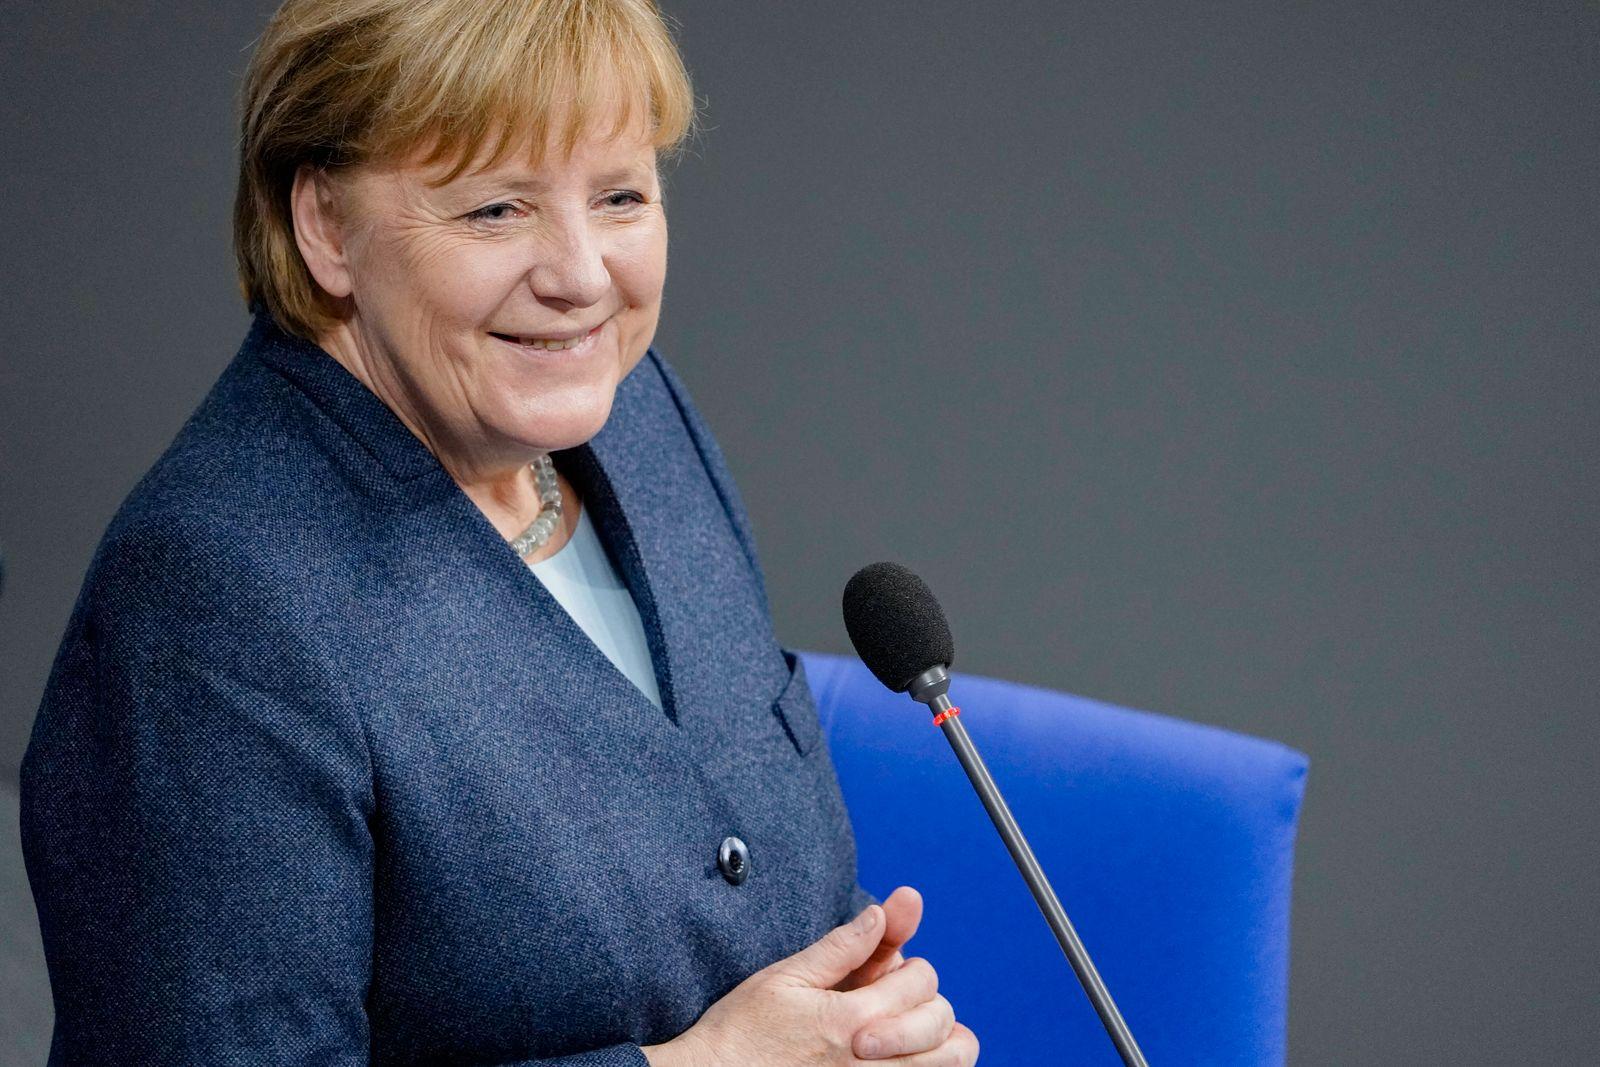 201. Bundestagssitzung in Berlin (Plenum und Debatte) Aktuell, 16.12.2020, Berlin, Angela Merkel die Bundeskanzlerin de